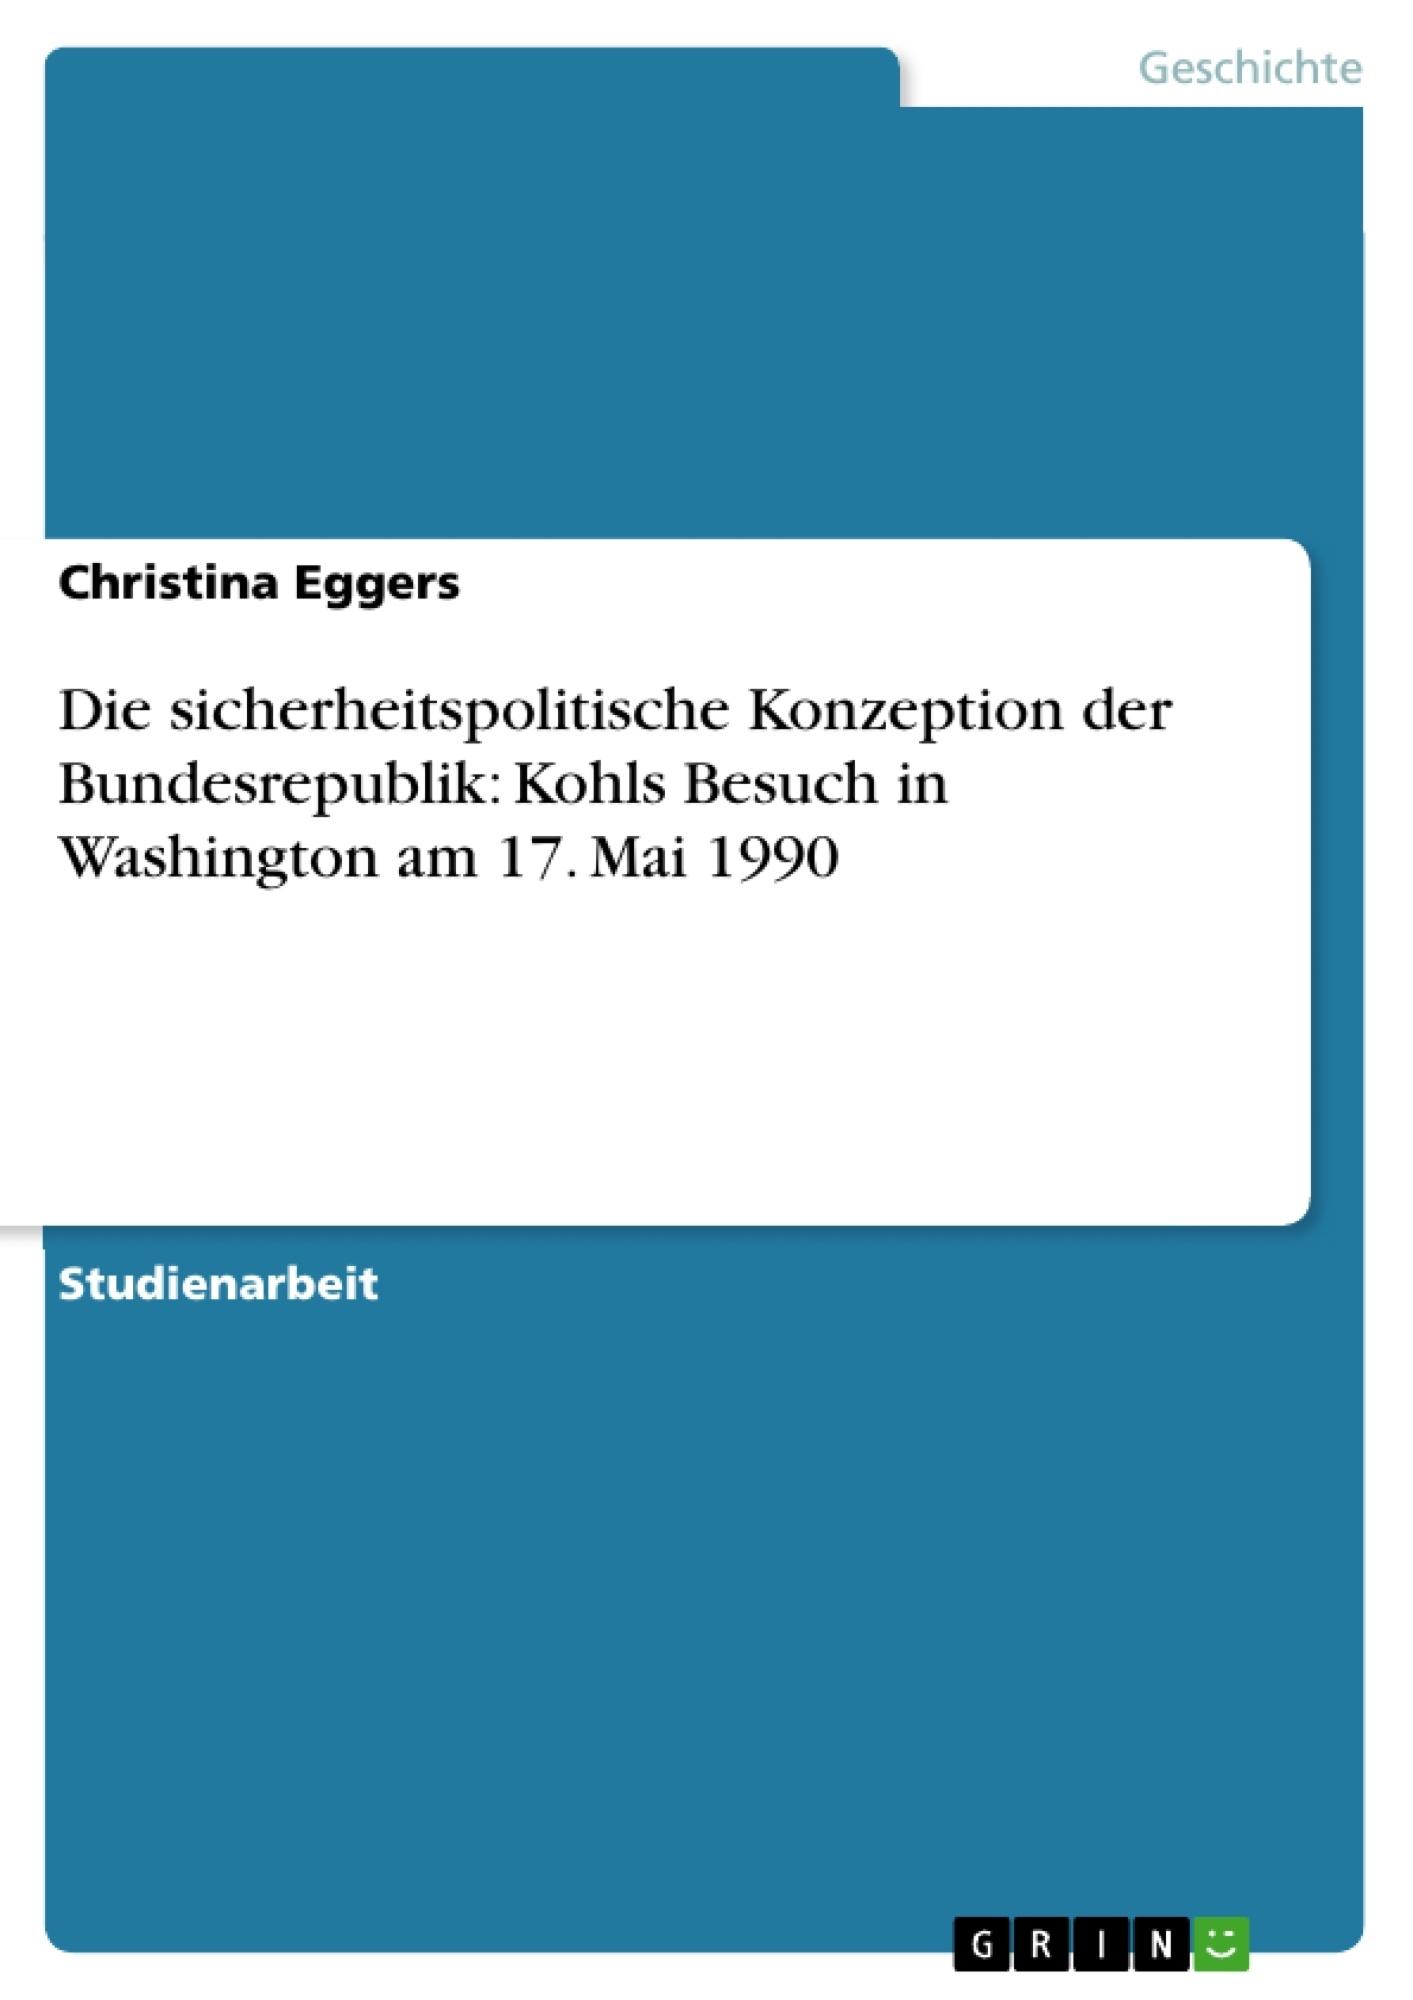 Titel: Die sicherheitspolitische Konzeption der Bundesrepublik: Kohls Besuch in Washington am 17. Mai 1990